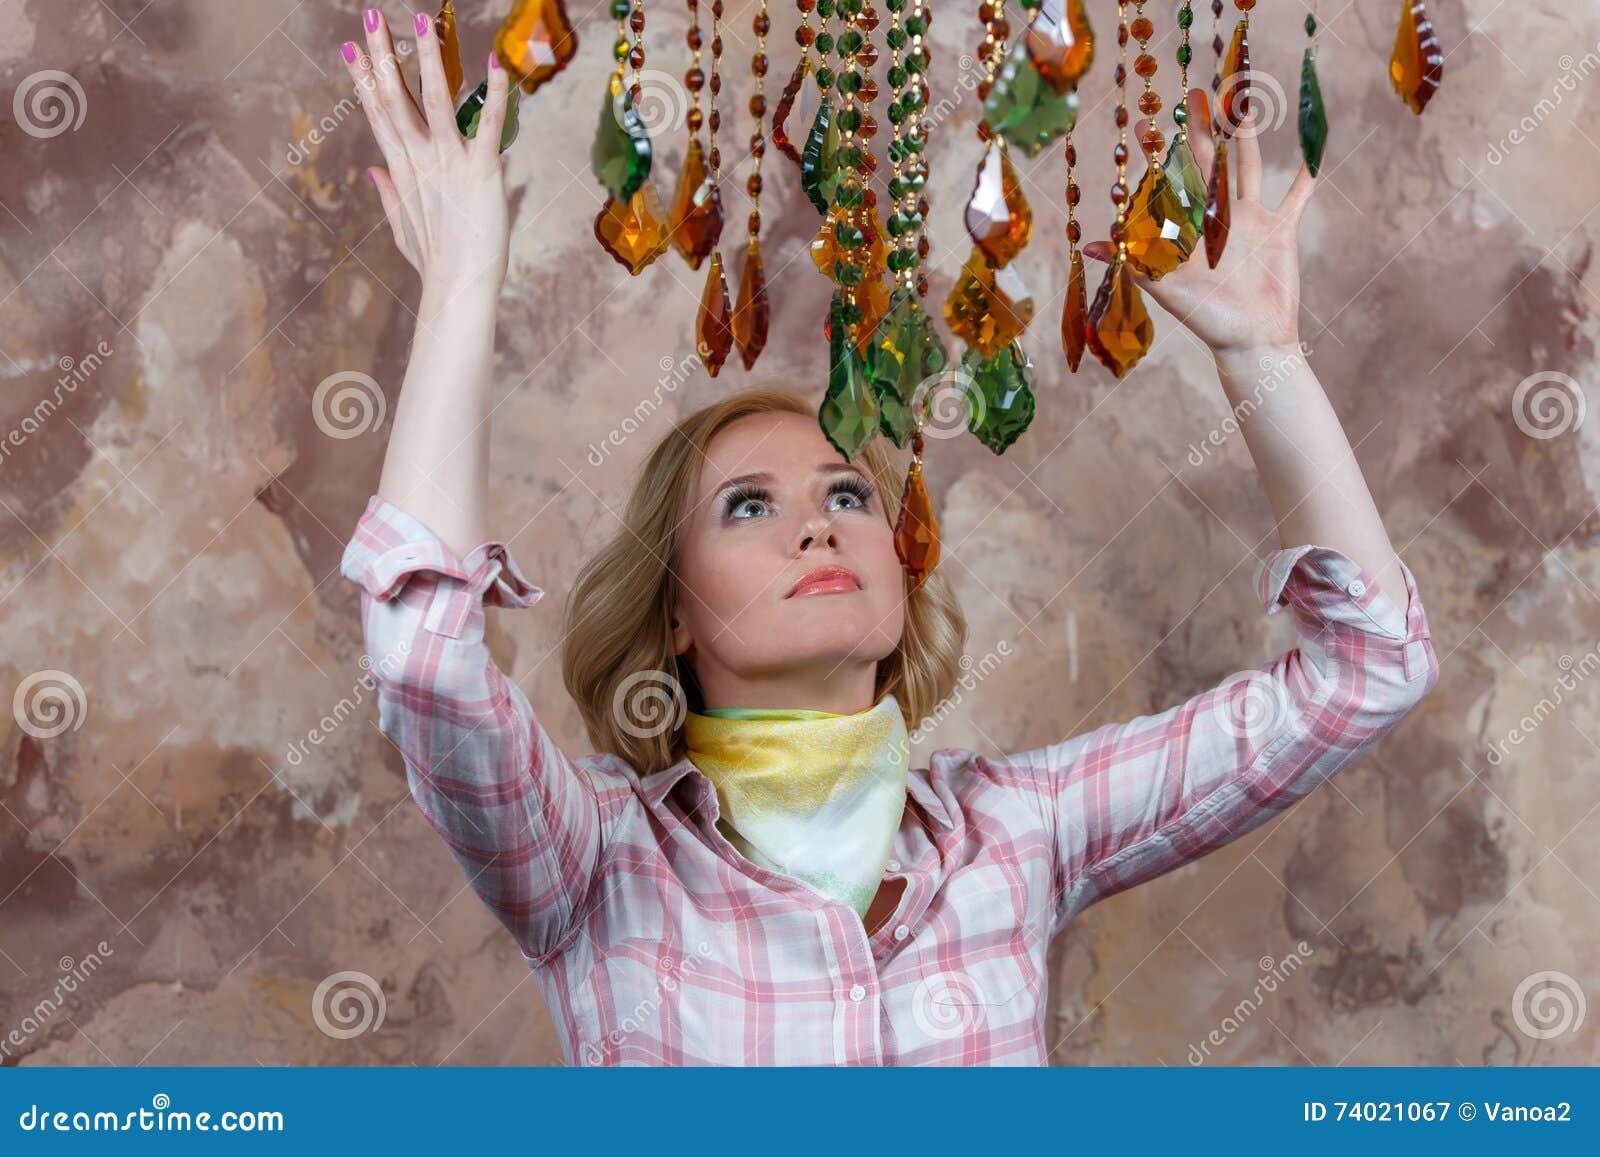 Μυστήρια νέα γυναίκα που κάνει ένα τελετουργικό με τις μαγικές πέτρες της